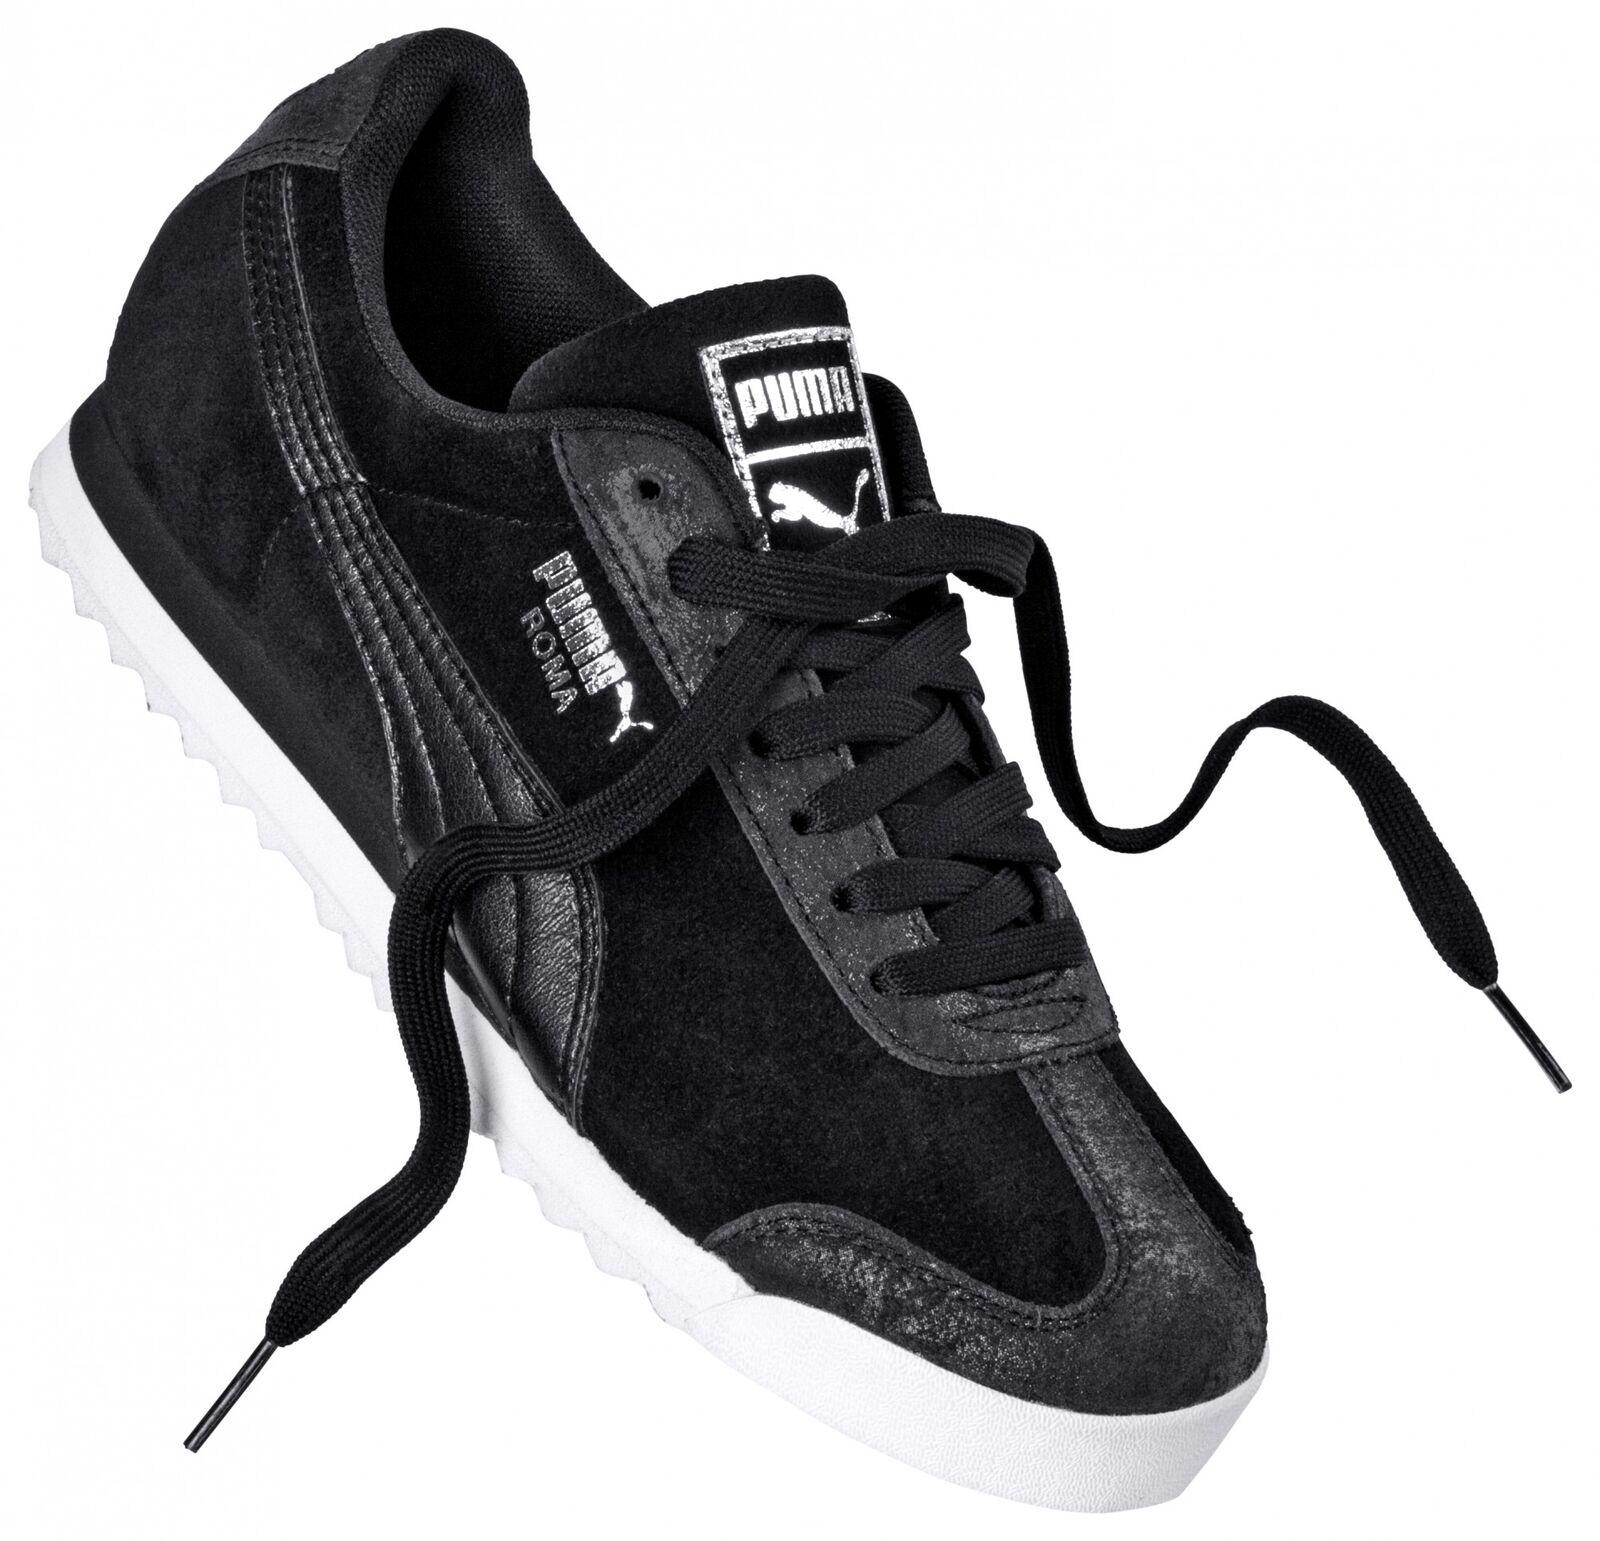 Puma Sneakers ROMA CLASSIC MET SAFARI Damen Turnschuhe Sportschuhe Freizeitschuh